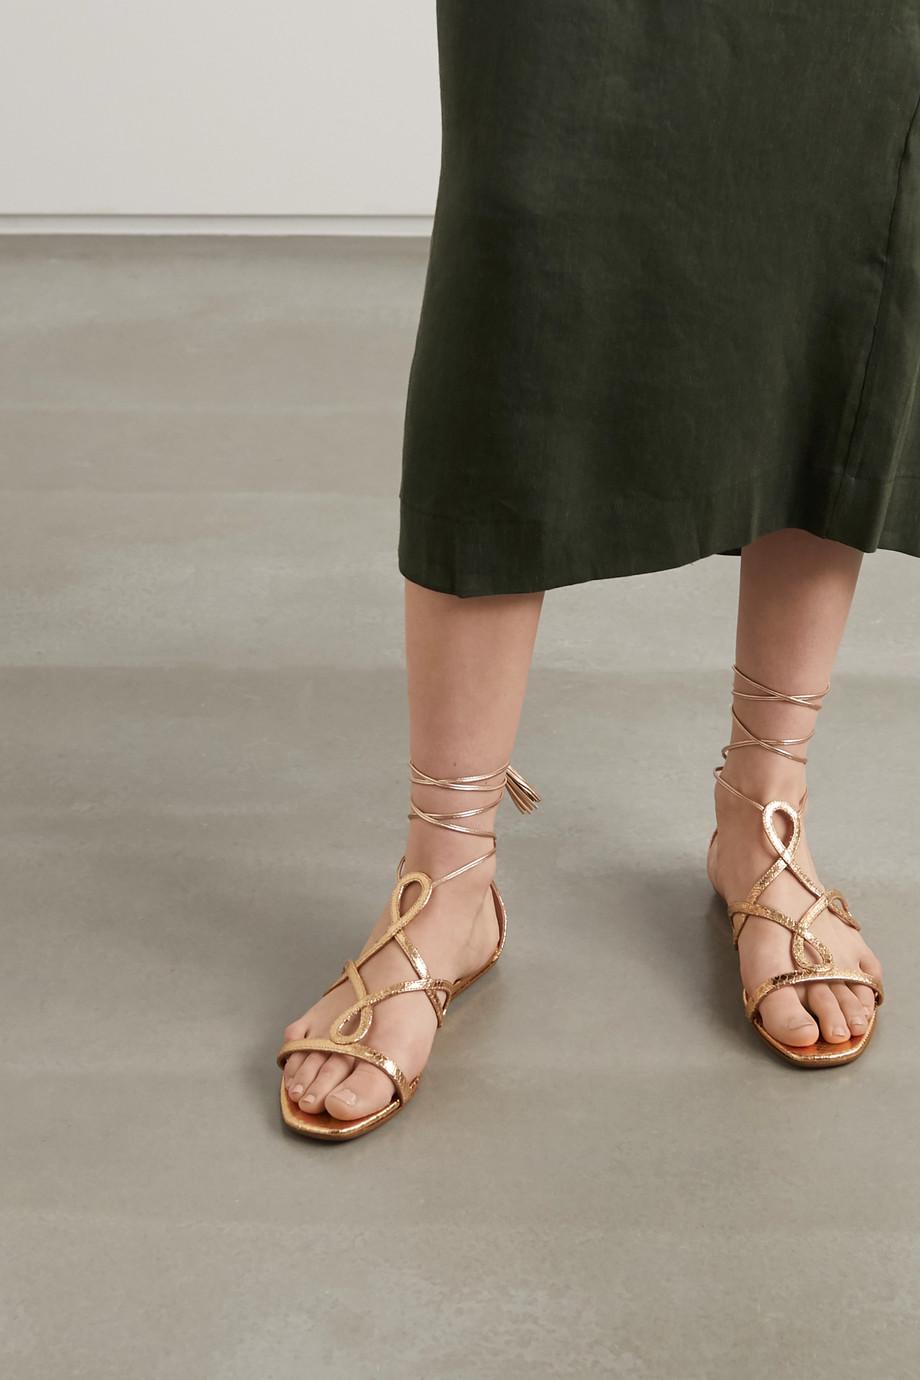 Aquazzura Gitana metallic snake-effect leather sandals